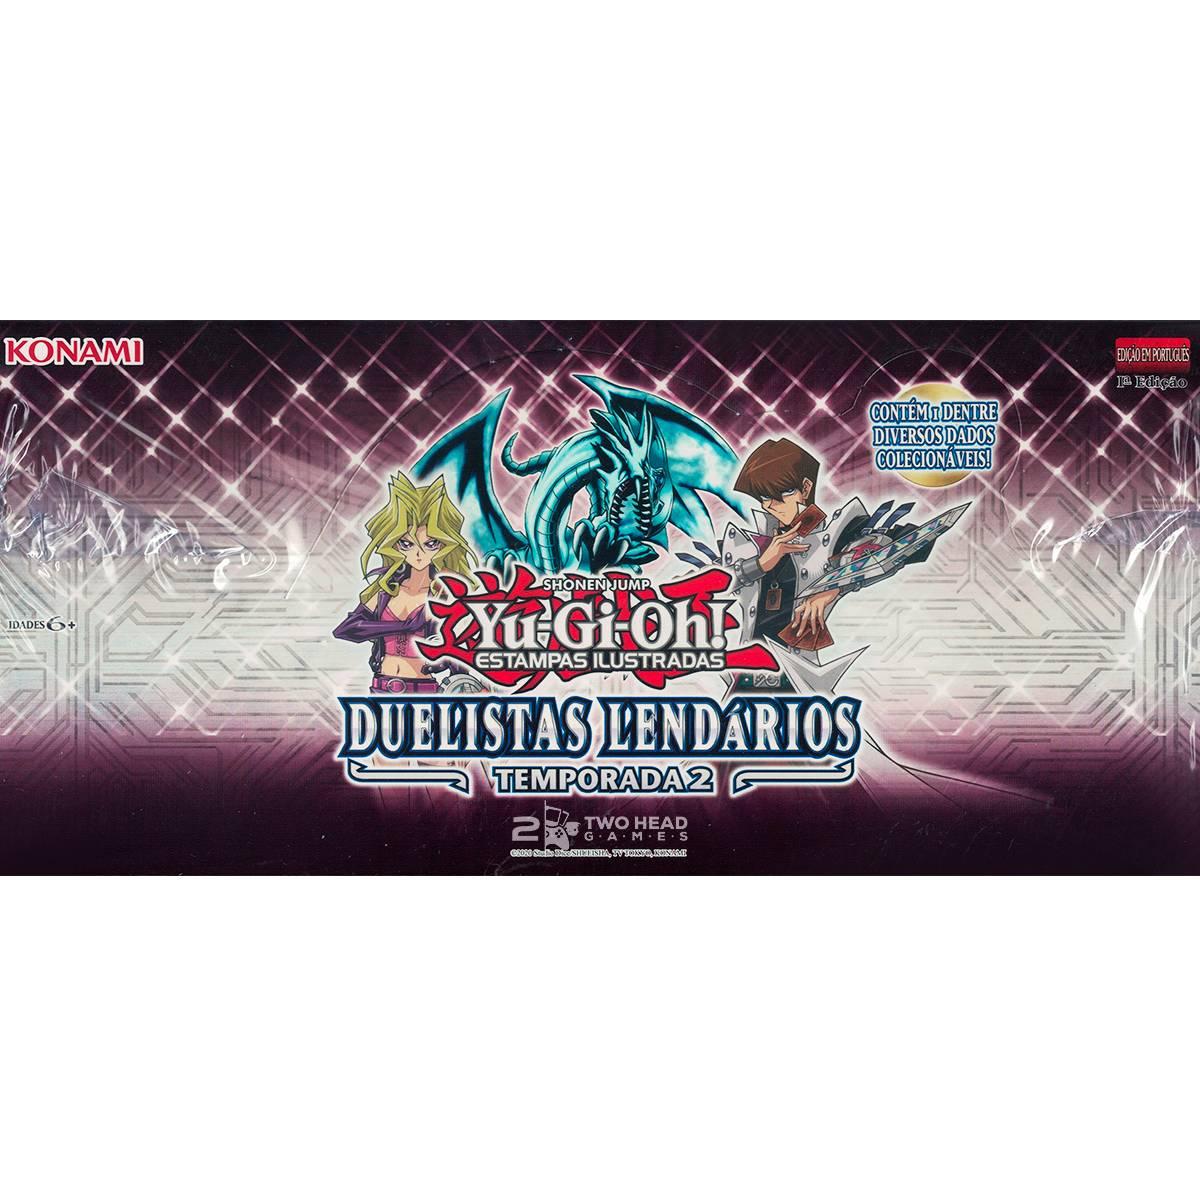 Yugioh Duelistas Lendários: Temporada 2 - Legendary Duelists